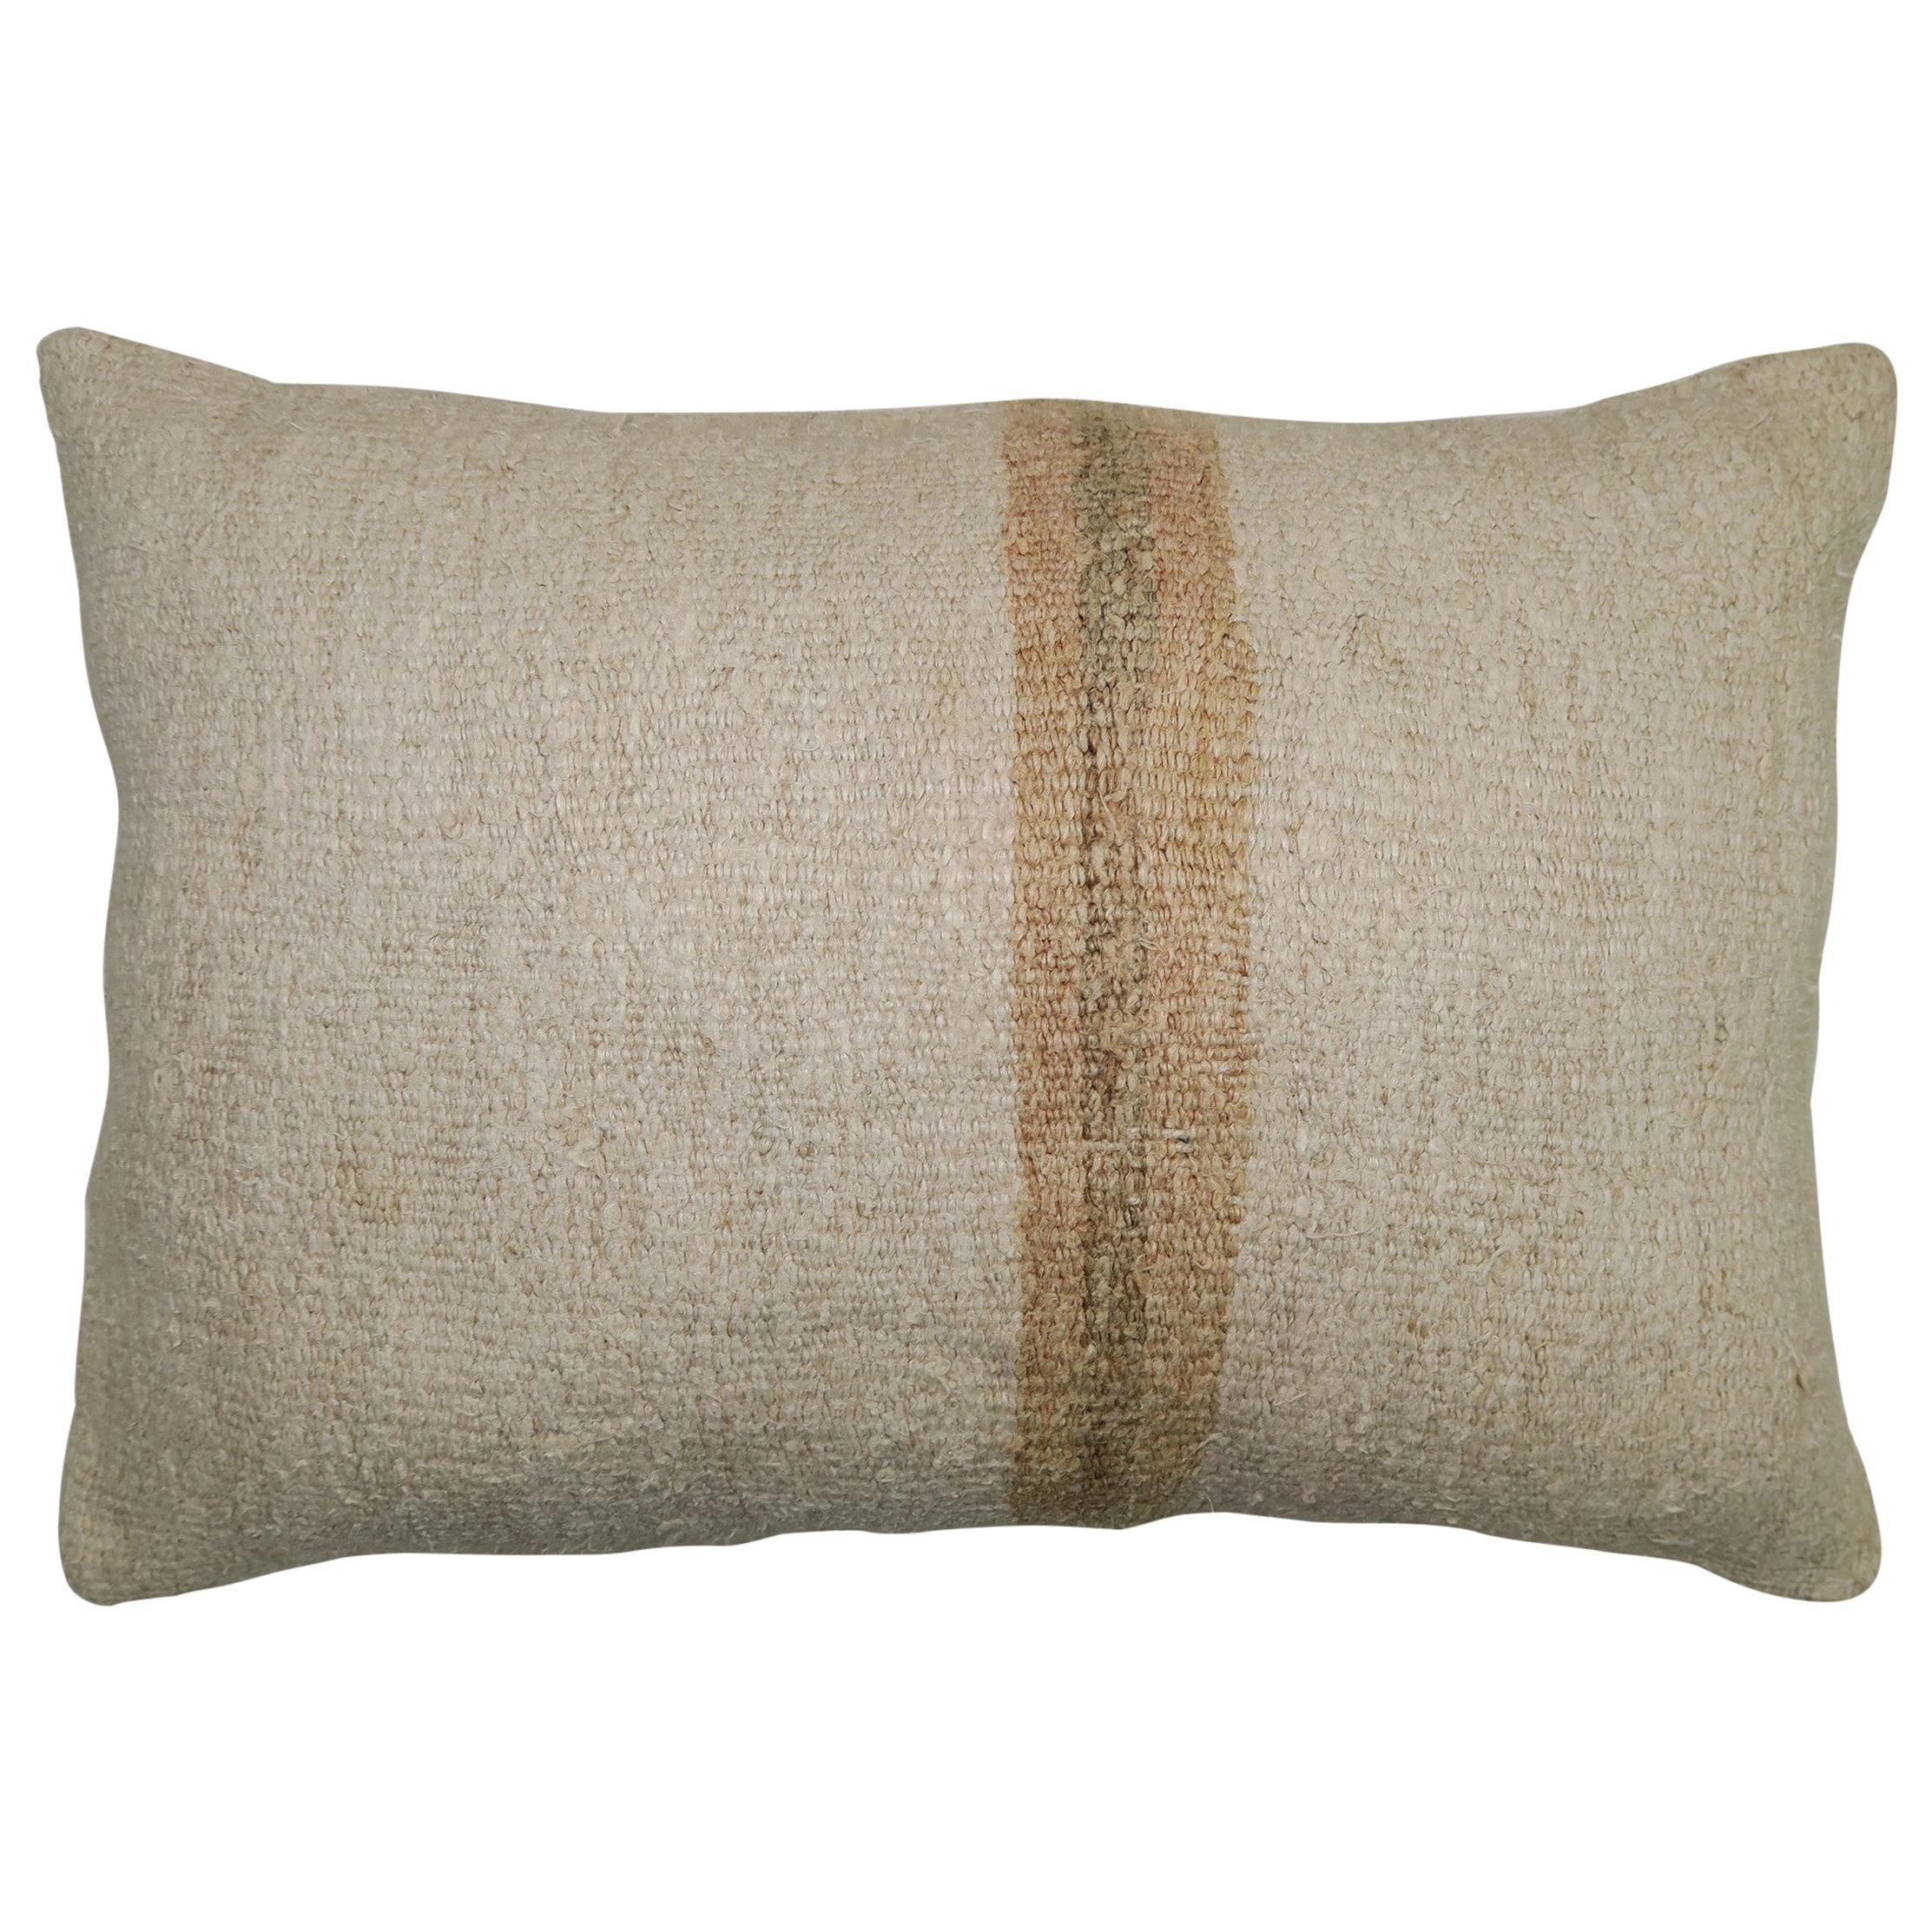 White Sand Striped Vintage Turkish Kilim Pillow